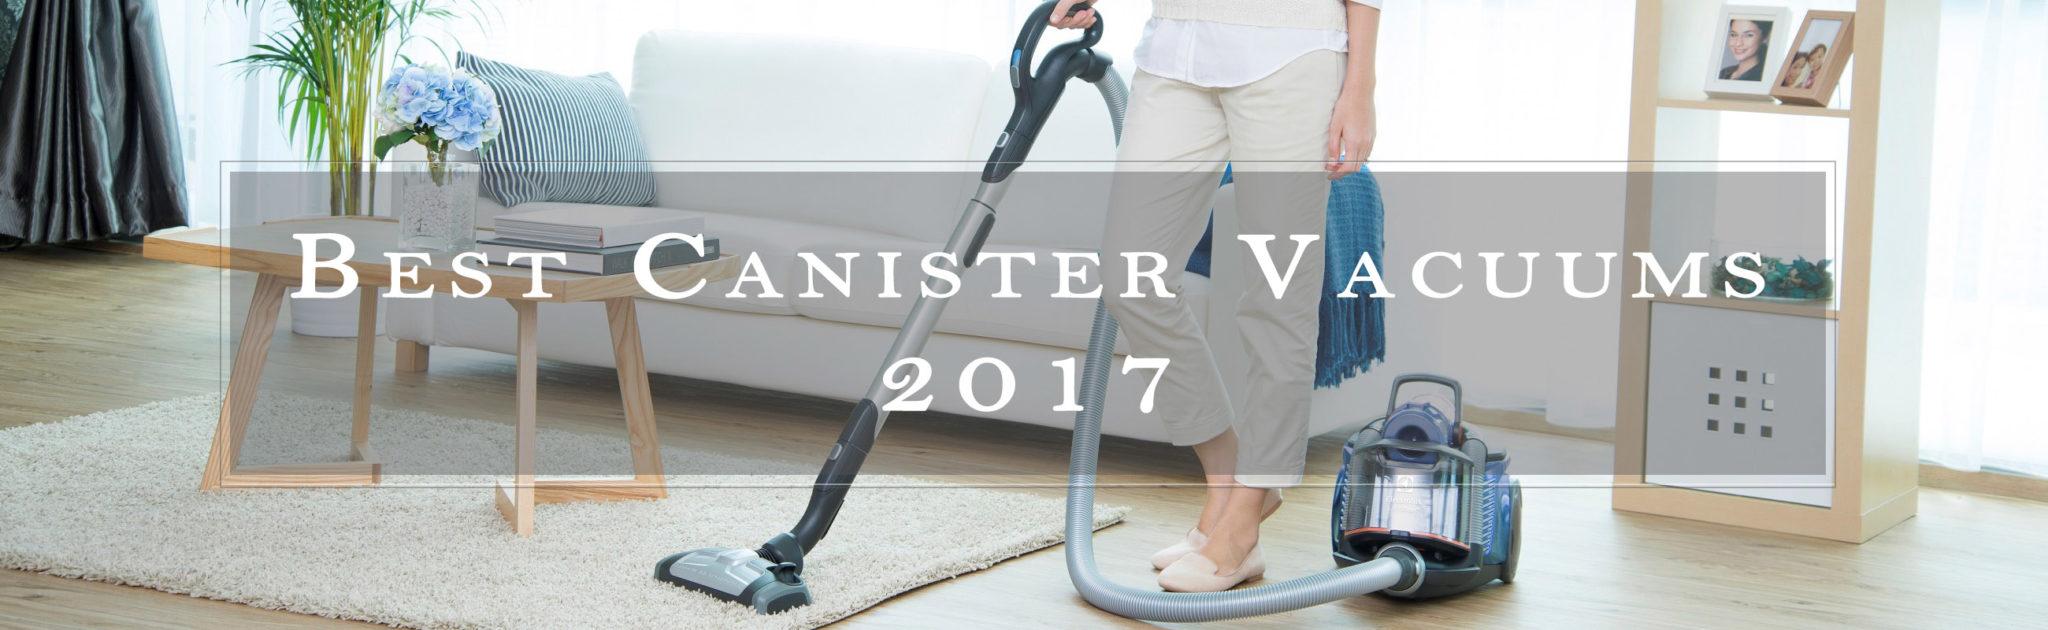 best canister vacuum 2017